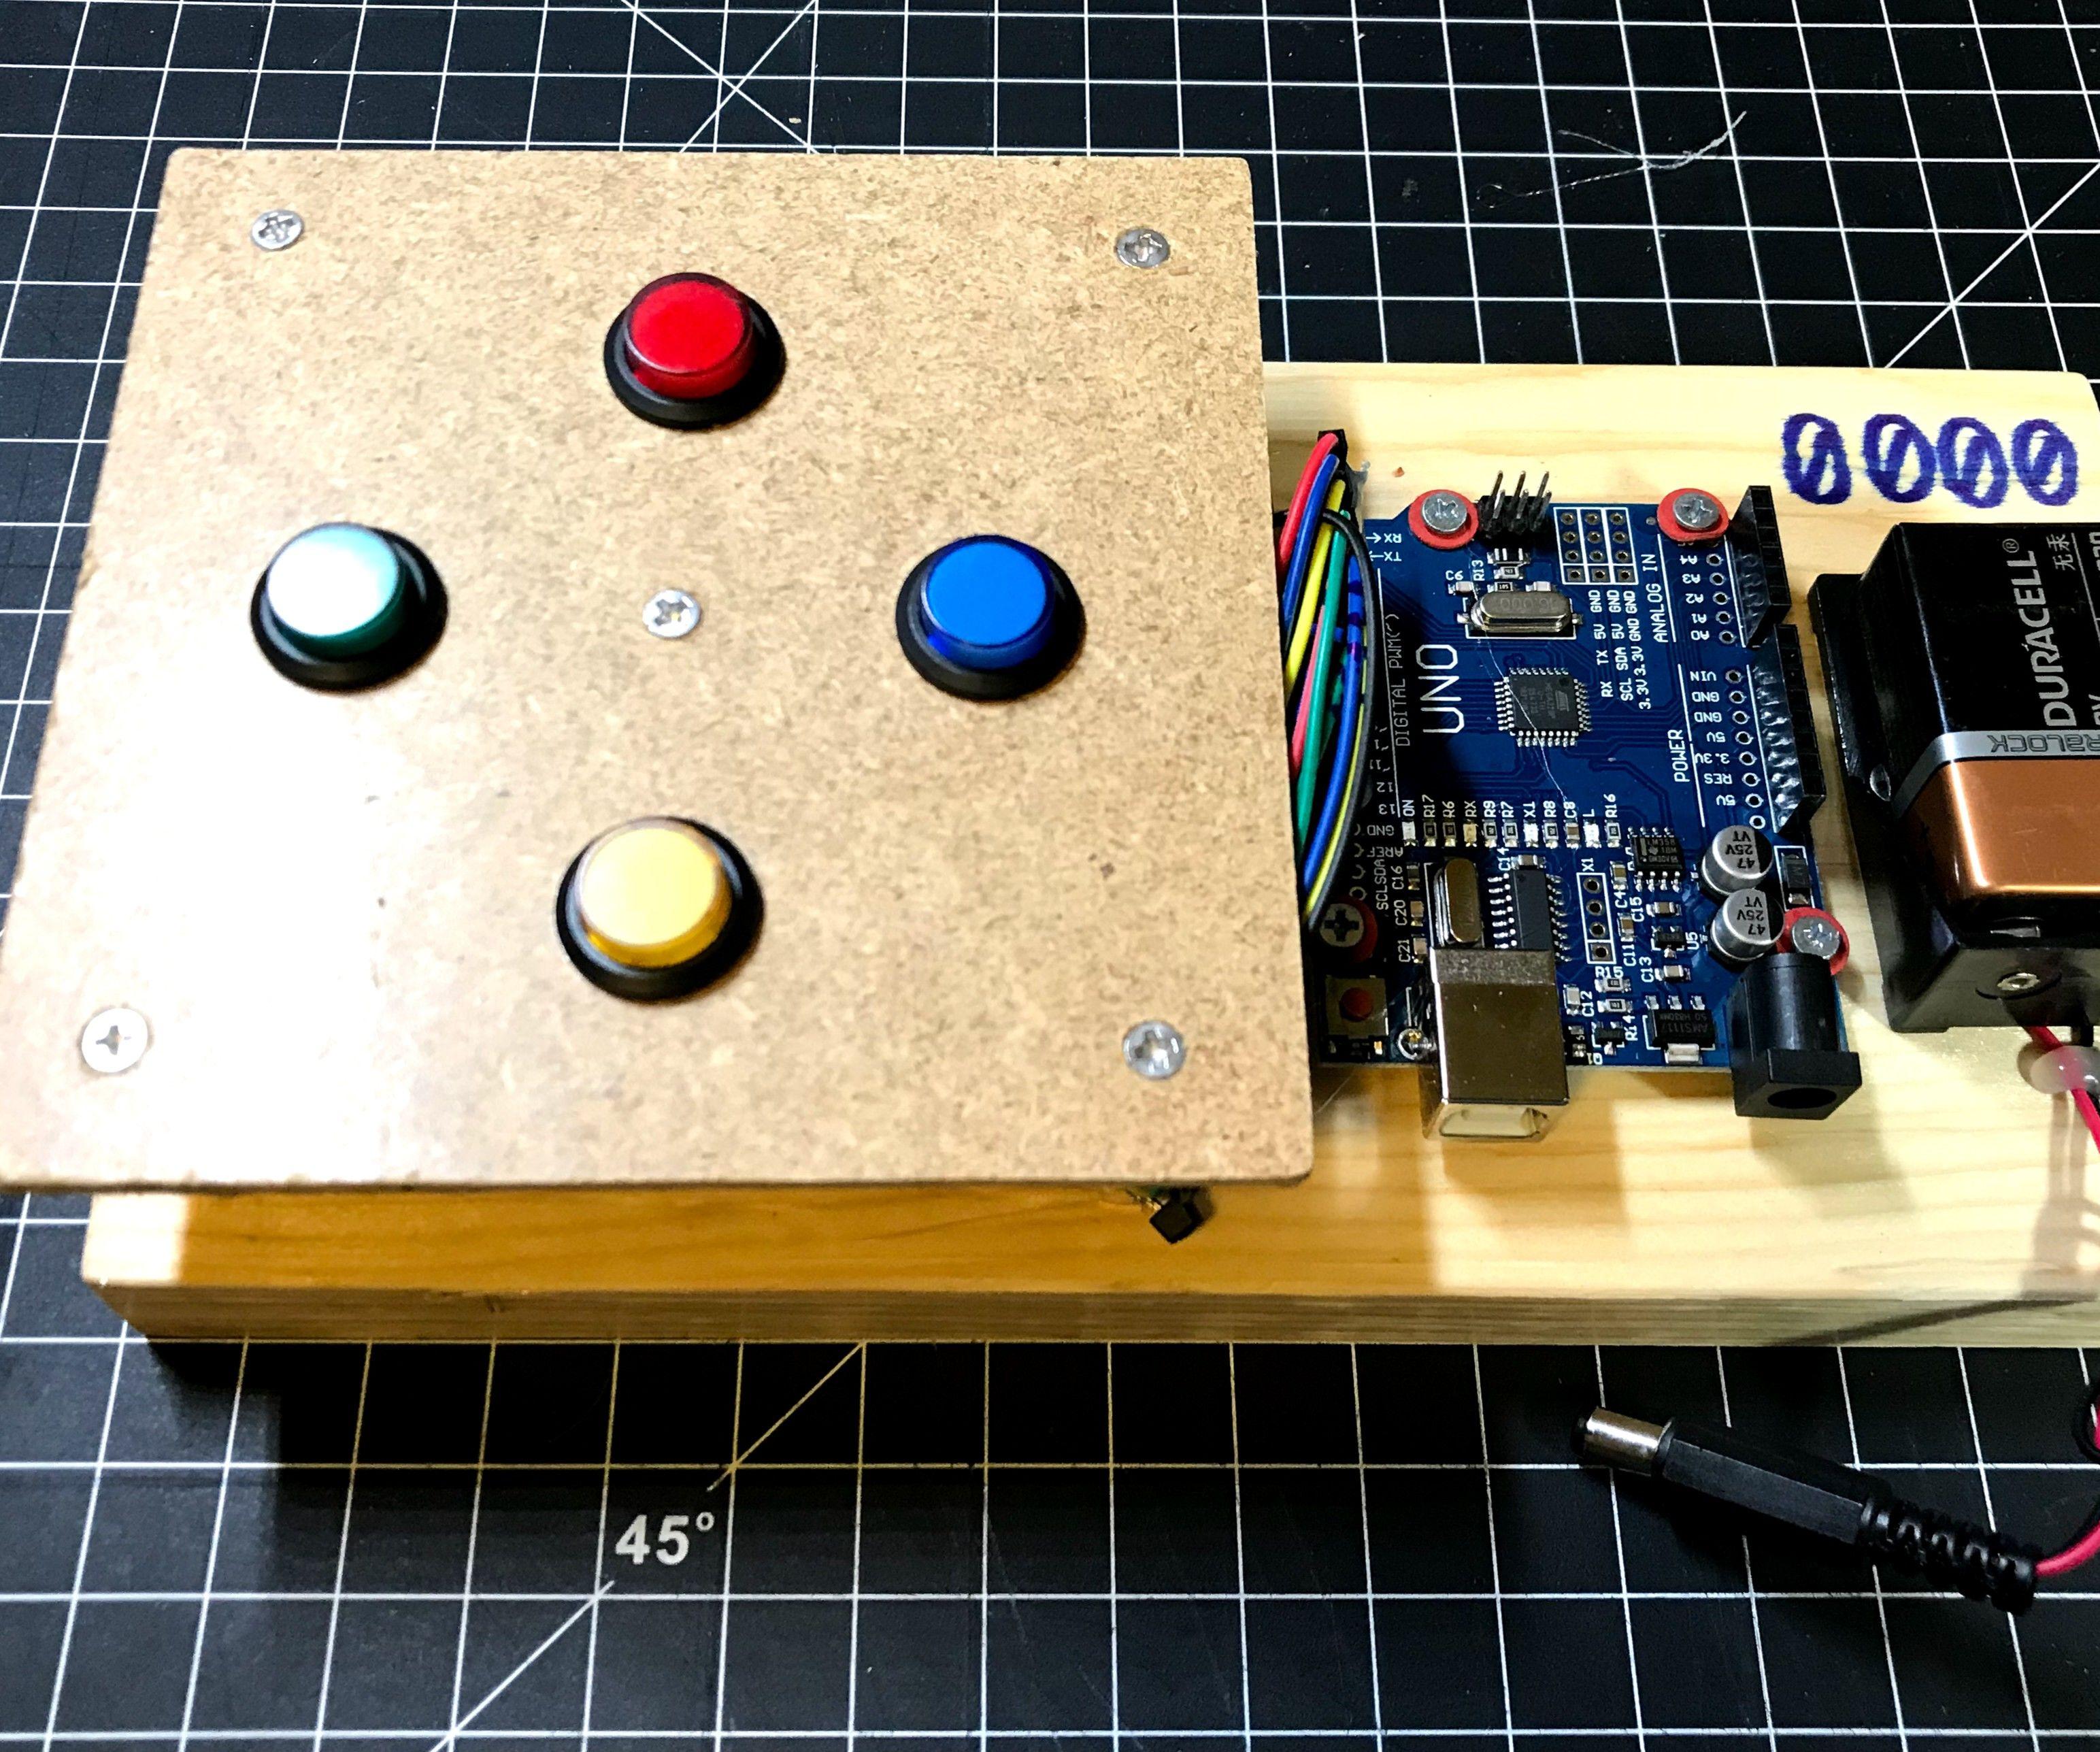 Simon & Whack-a-Mole Game Using Arduino